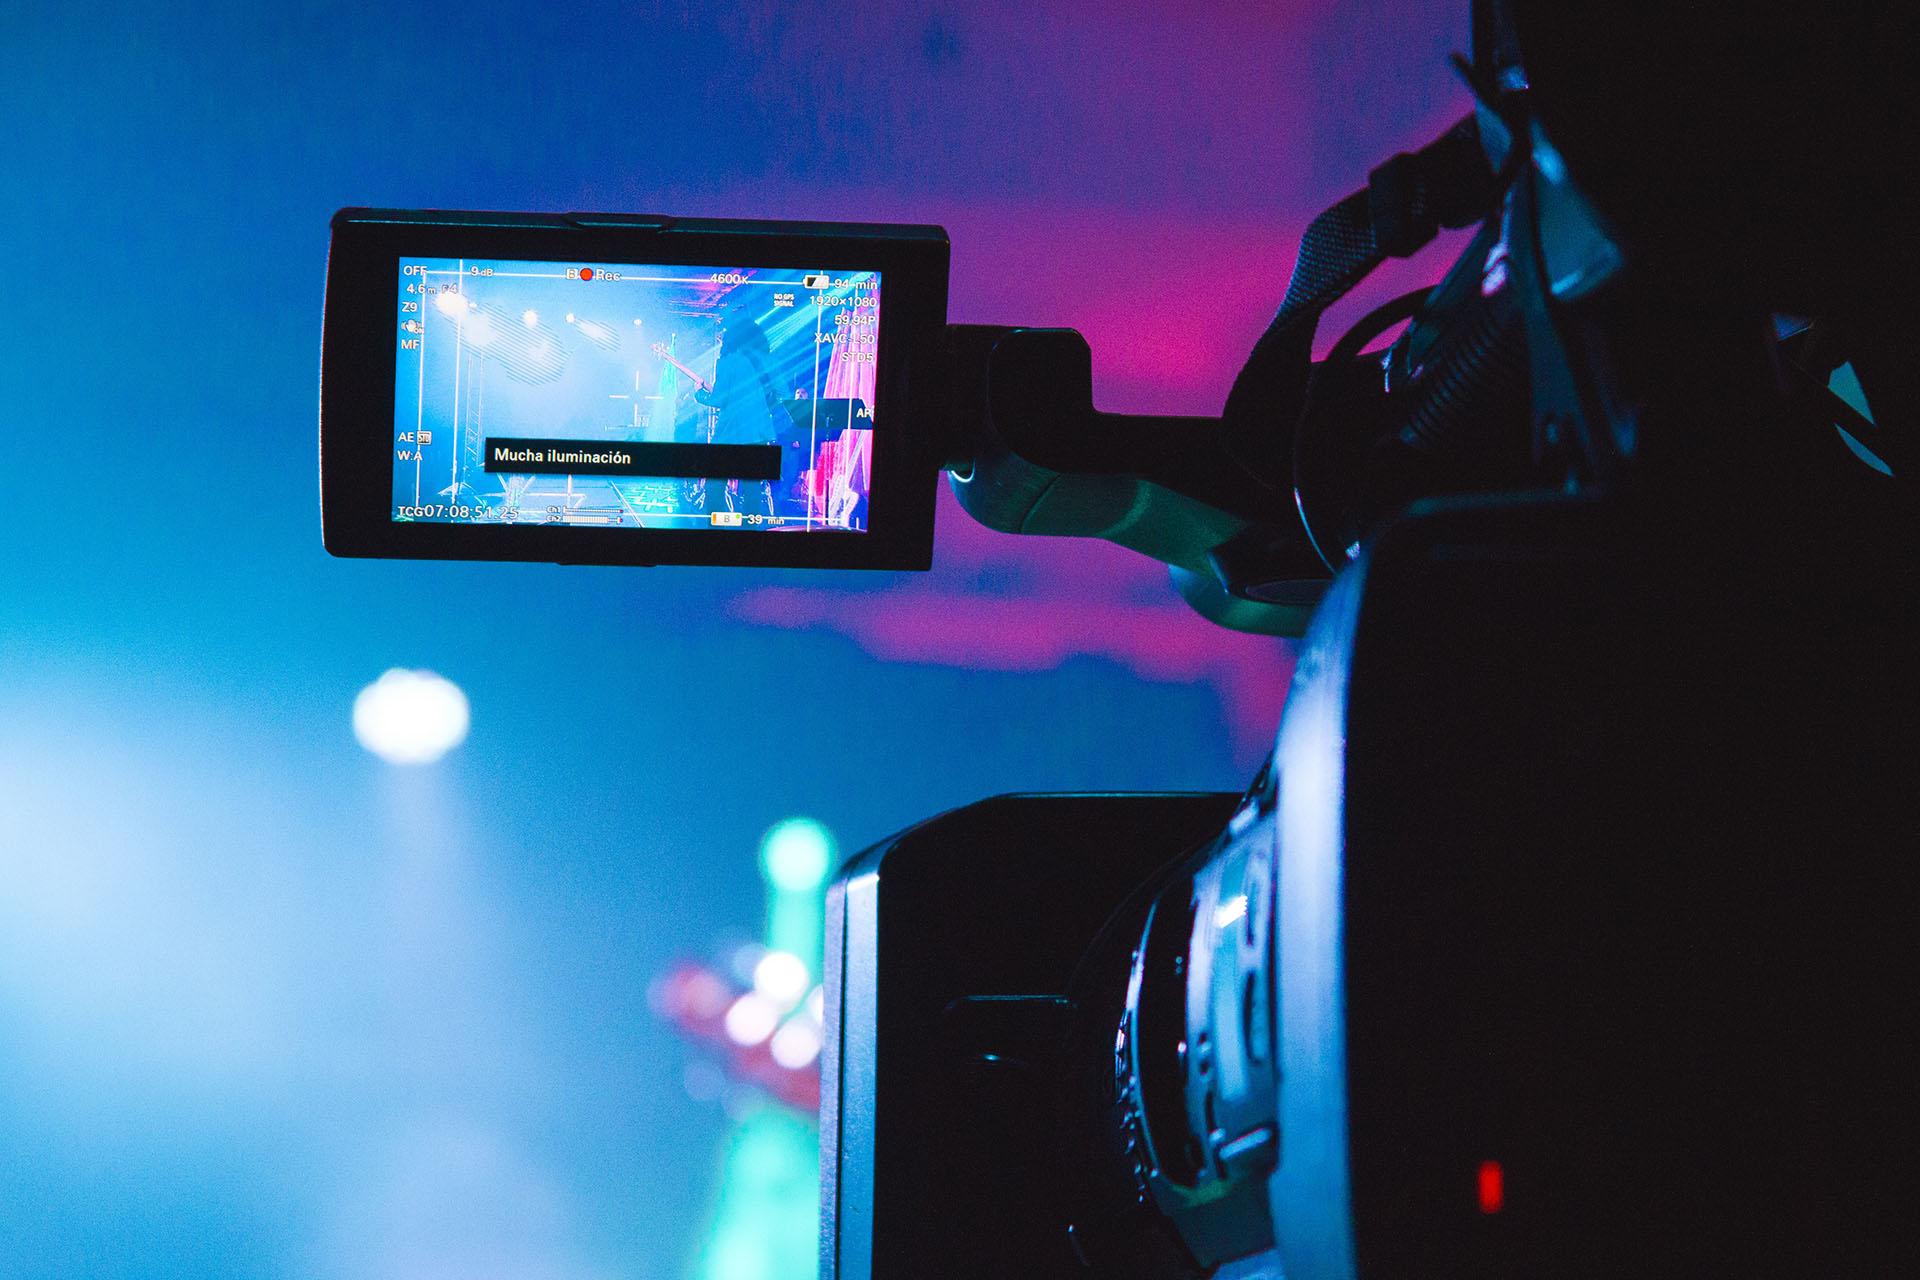 【WordPress】ヘッダーメディアの動画(video)がiPhoneで自動再生されないときの対処法